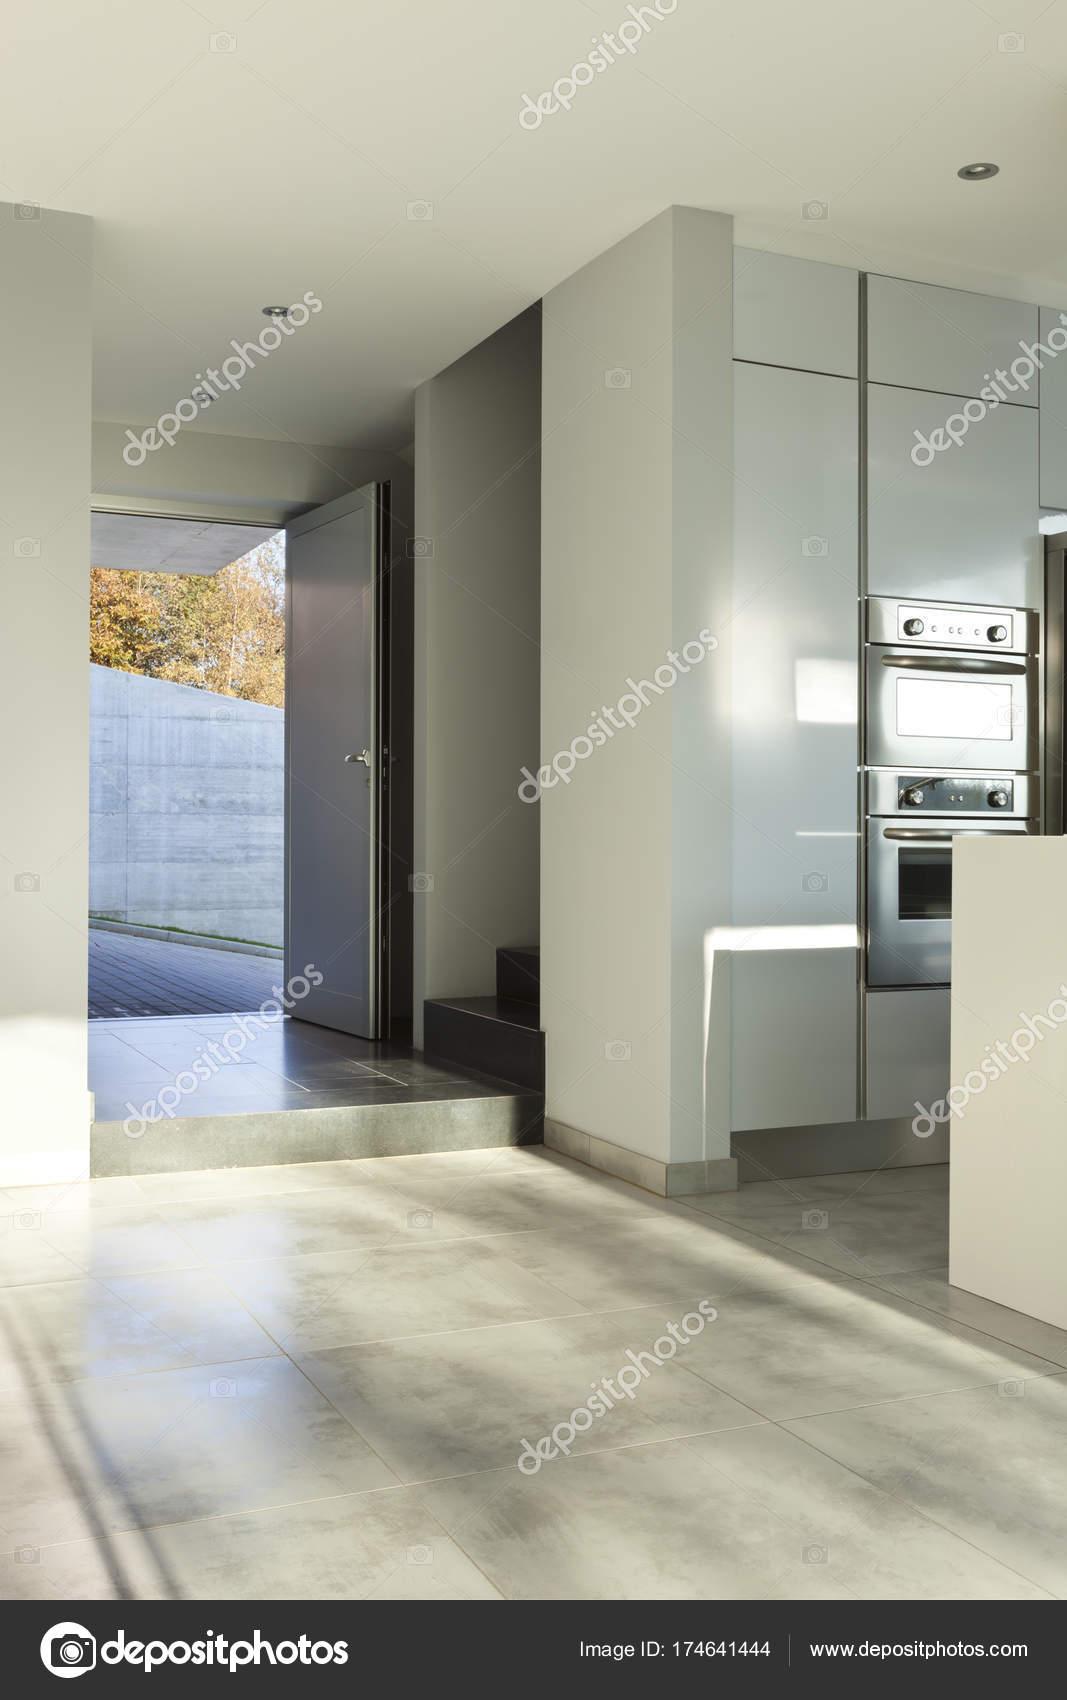 Modernes Haus Innenräume, niemand — Stockfoto © Zveiger #174641444